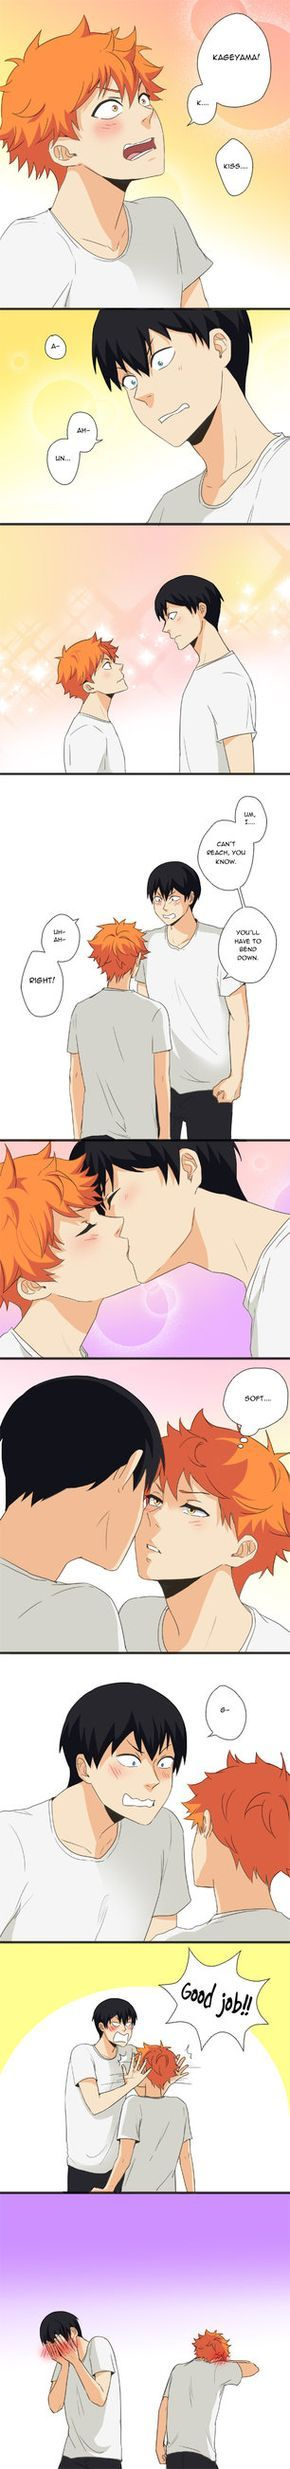 KageHina - First Kiss by Amanduur.deviantart.com on @DeviantArt